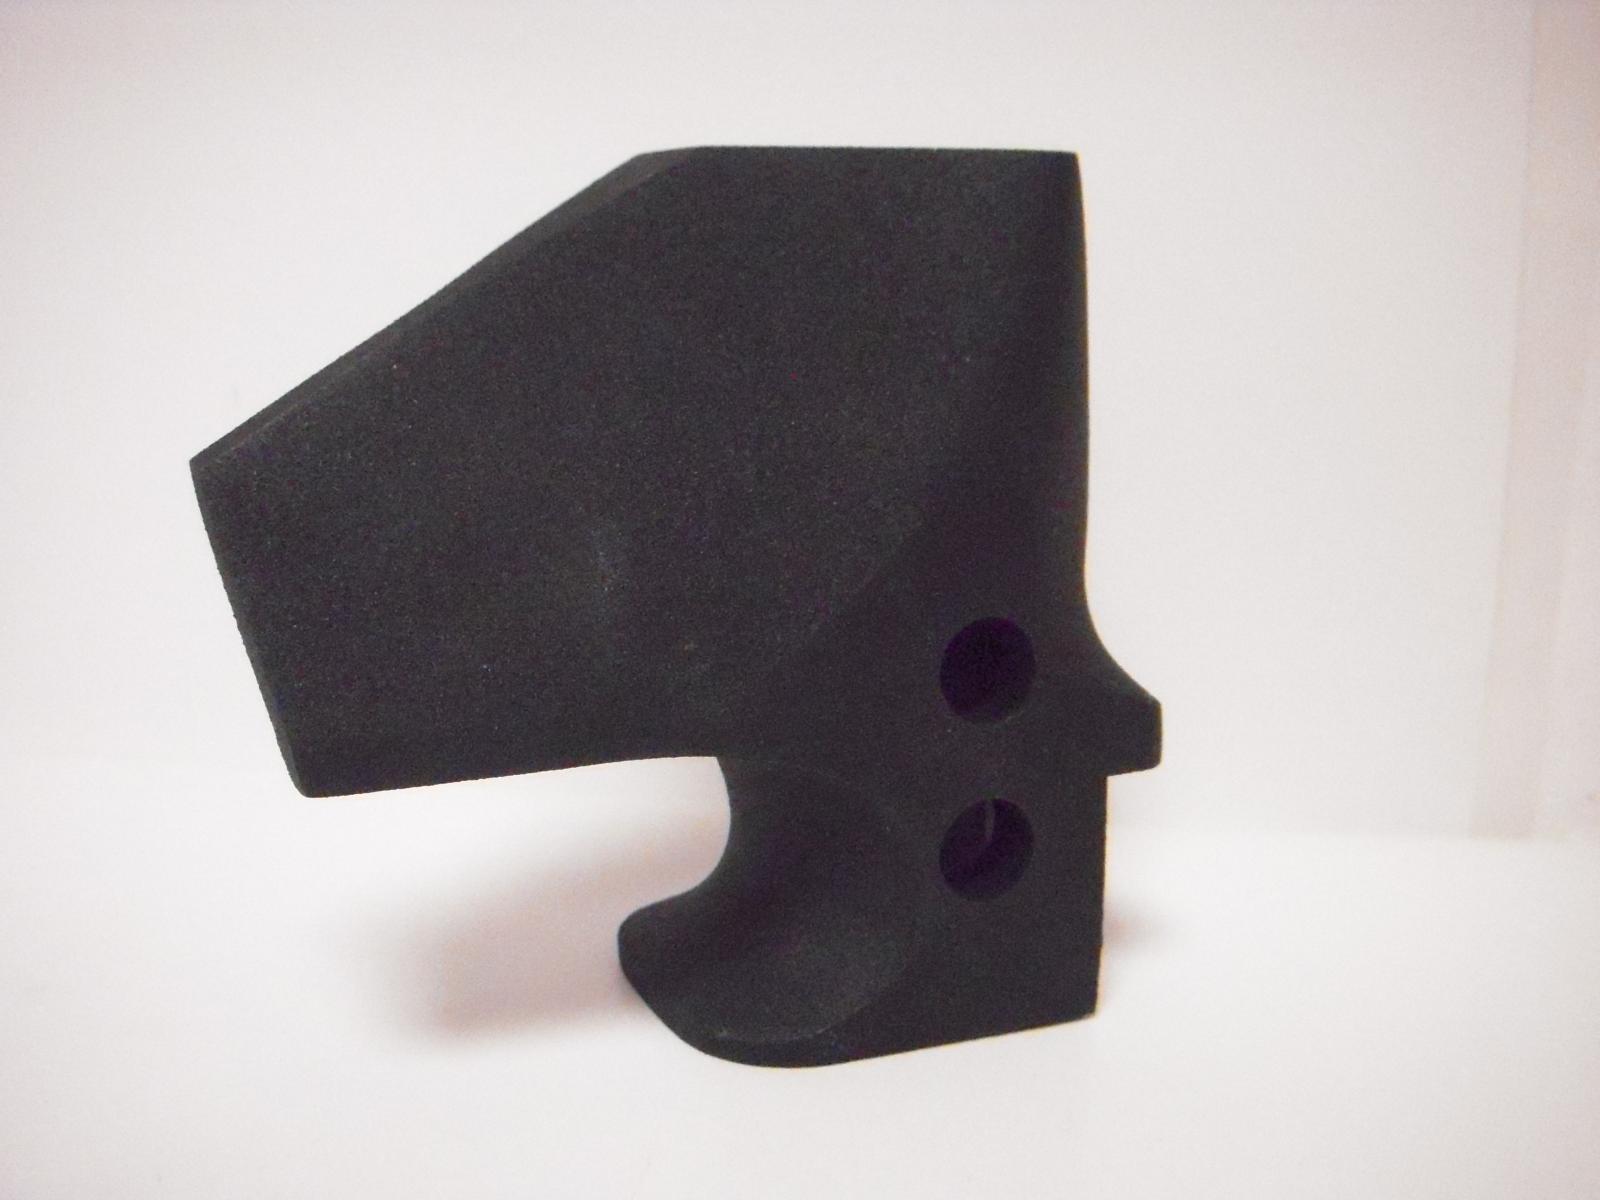 Poignée pour carabine Fein800W droitier taille M